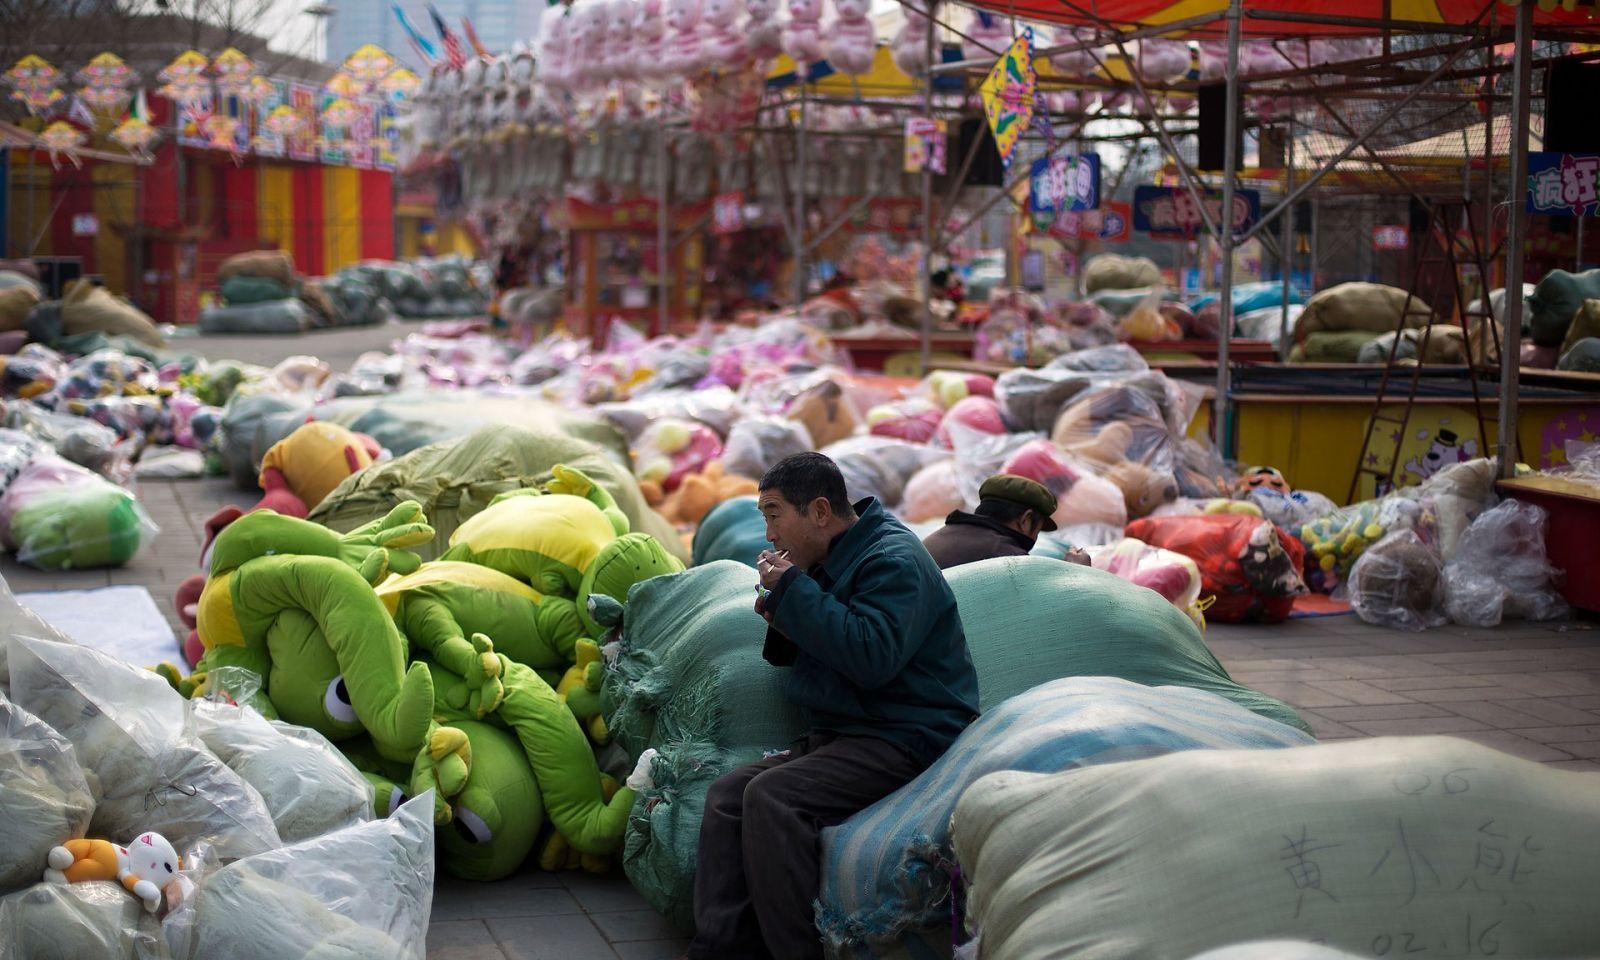 شبکههای ارتباطیِ کارگران مهاجر در چین میتواند انزوا را کاهش دهد؛ اما وضعیت زندگی و کار میتواند دشوار باشد.